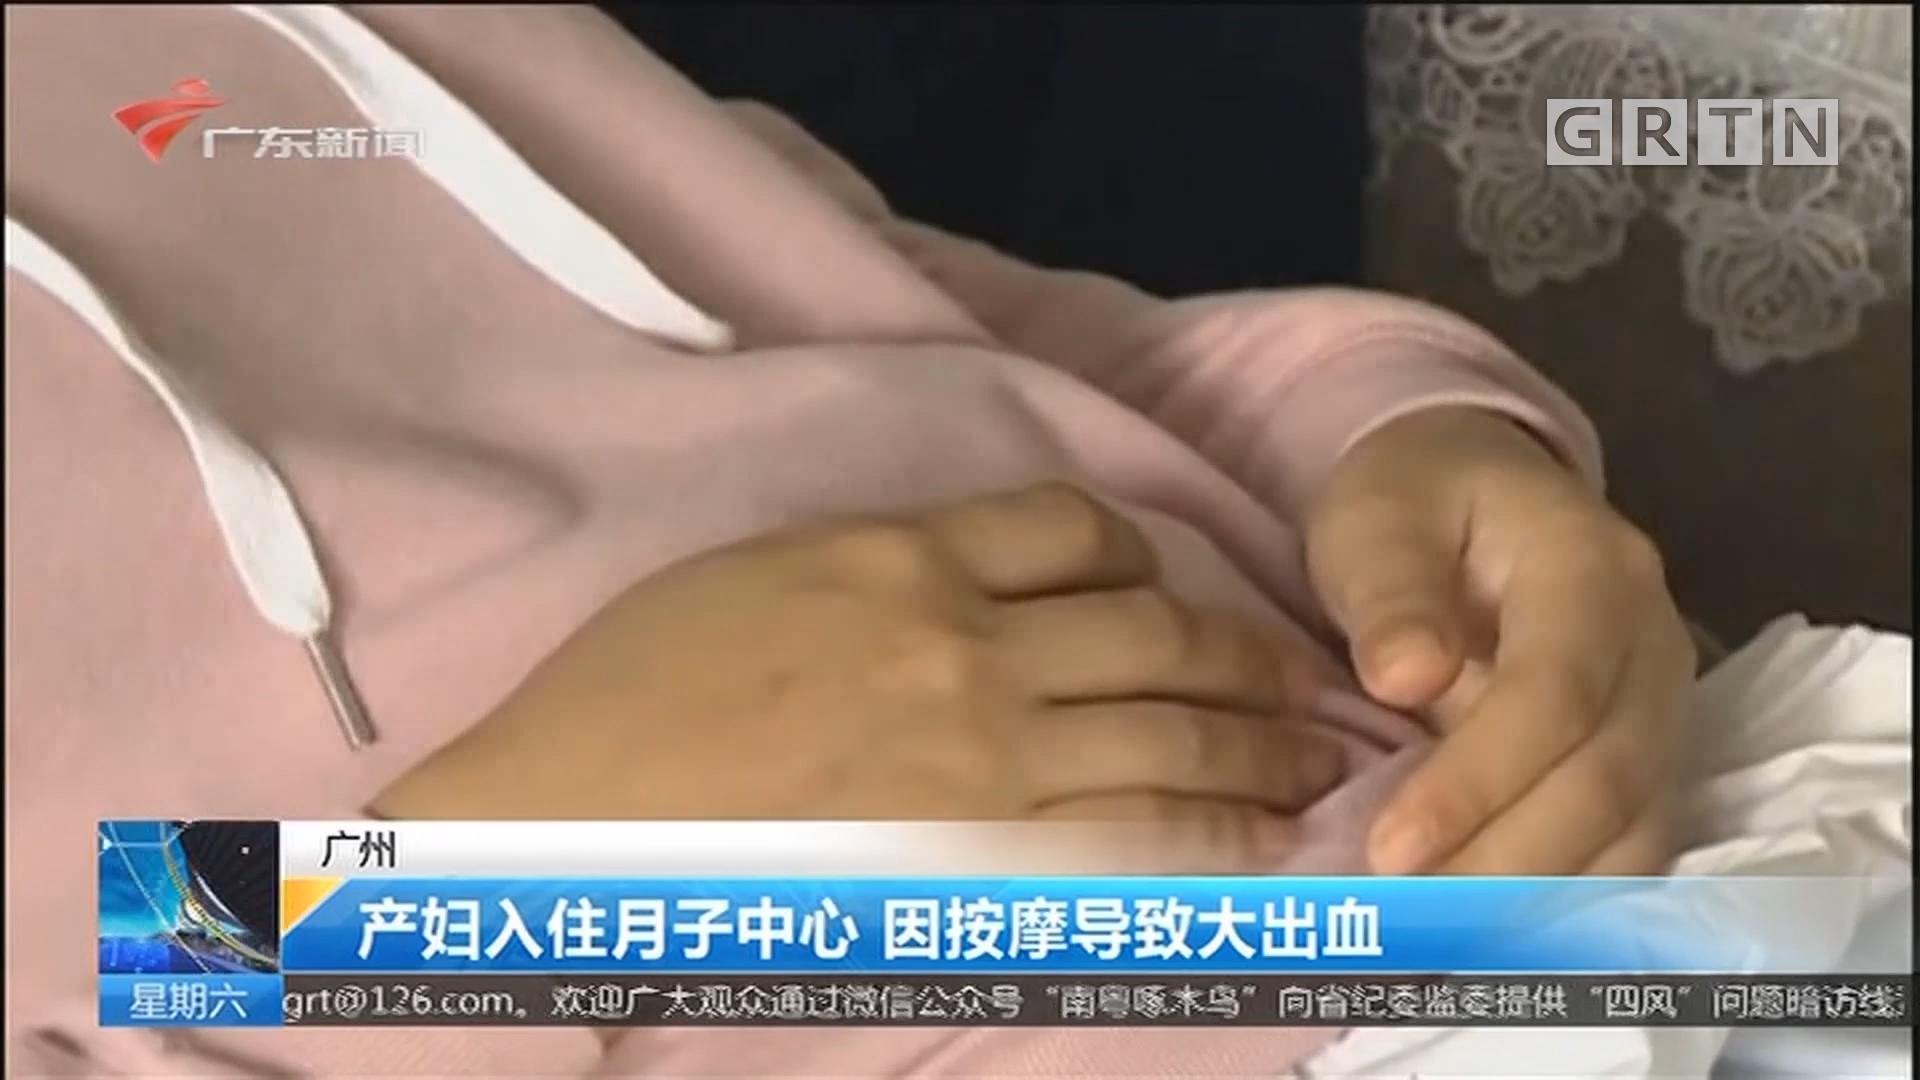 广州:产妇入住月子中心 因按摩导致大出血